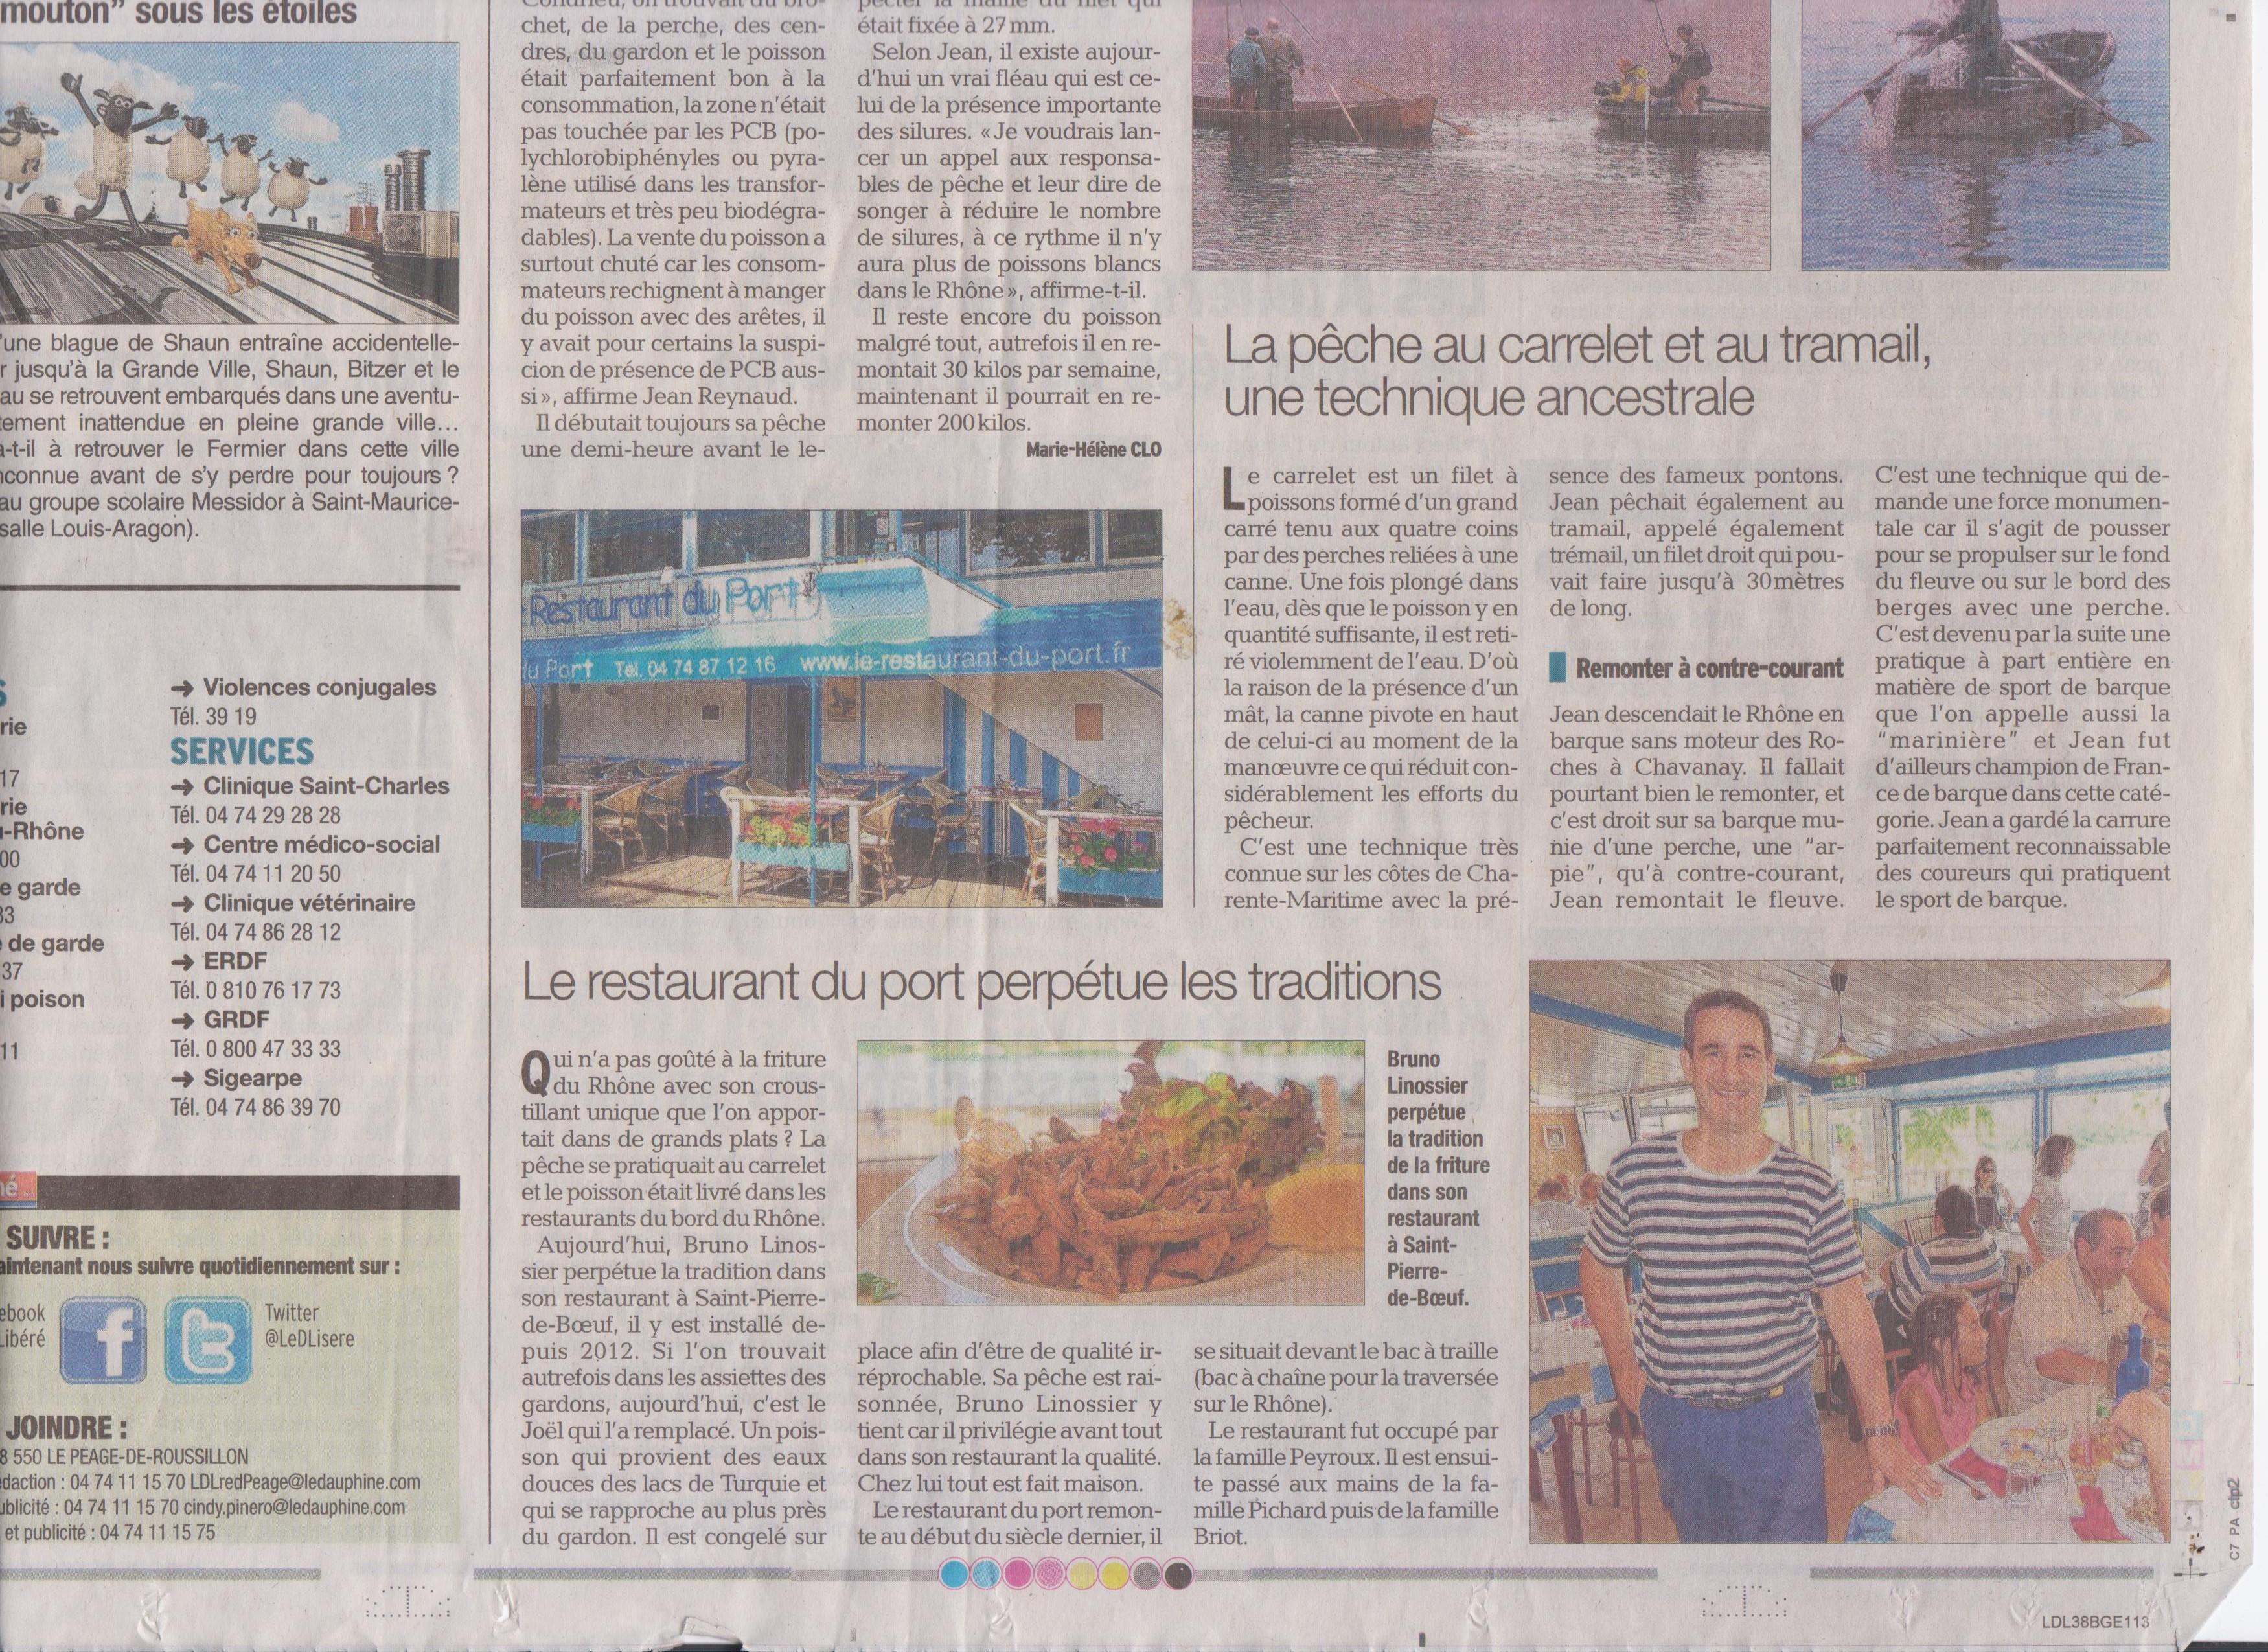 A propos saint pierre de boeuf le restaurant du port - Restaurant du port st pierre de boeuf ...